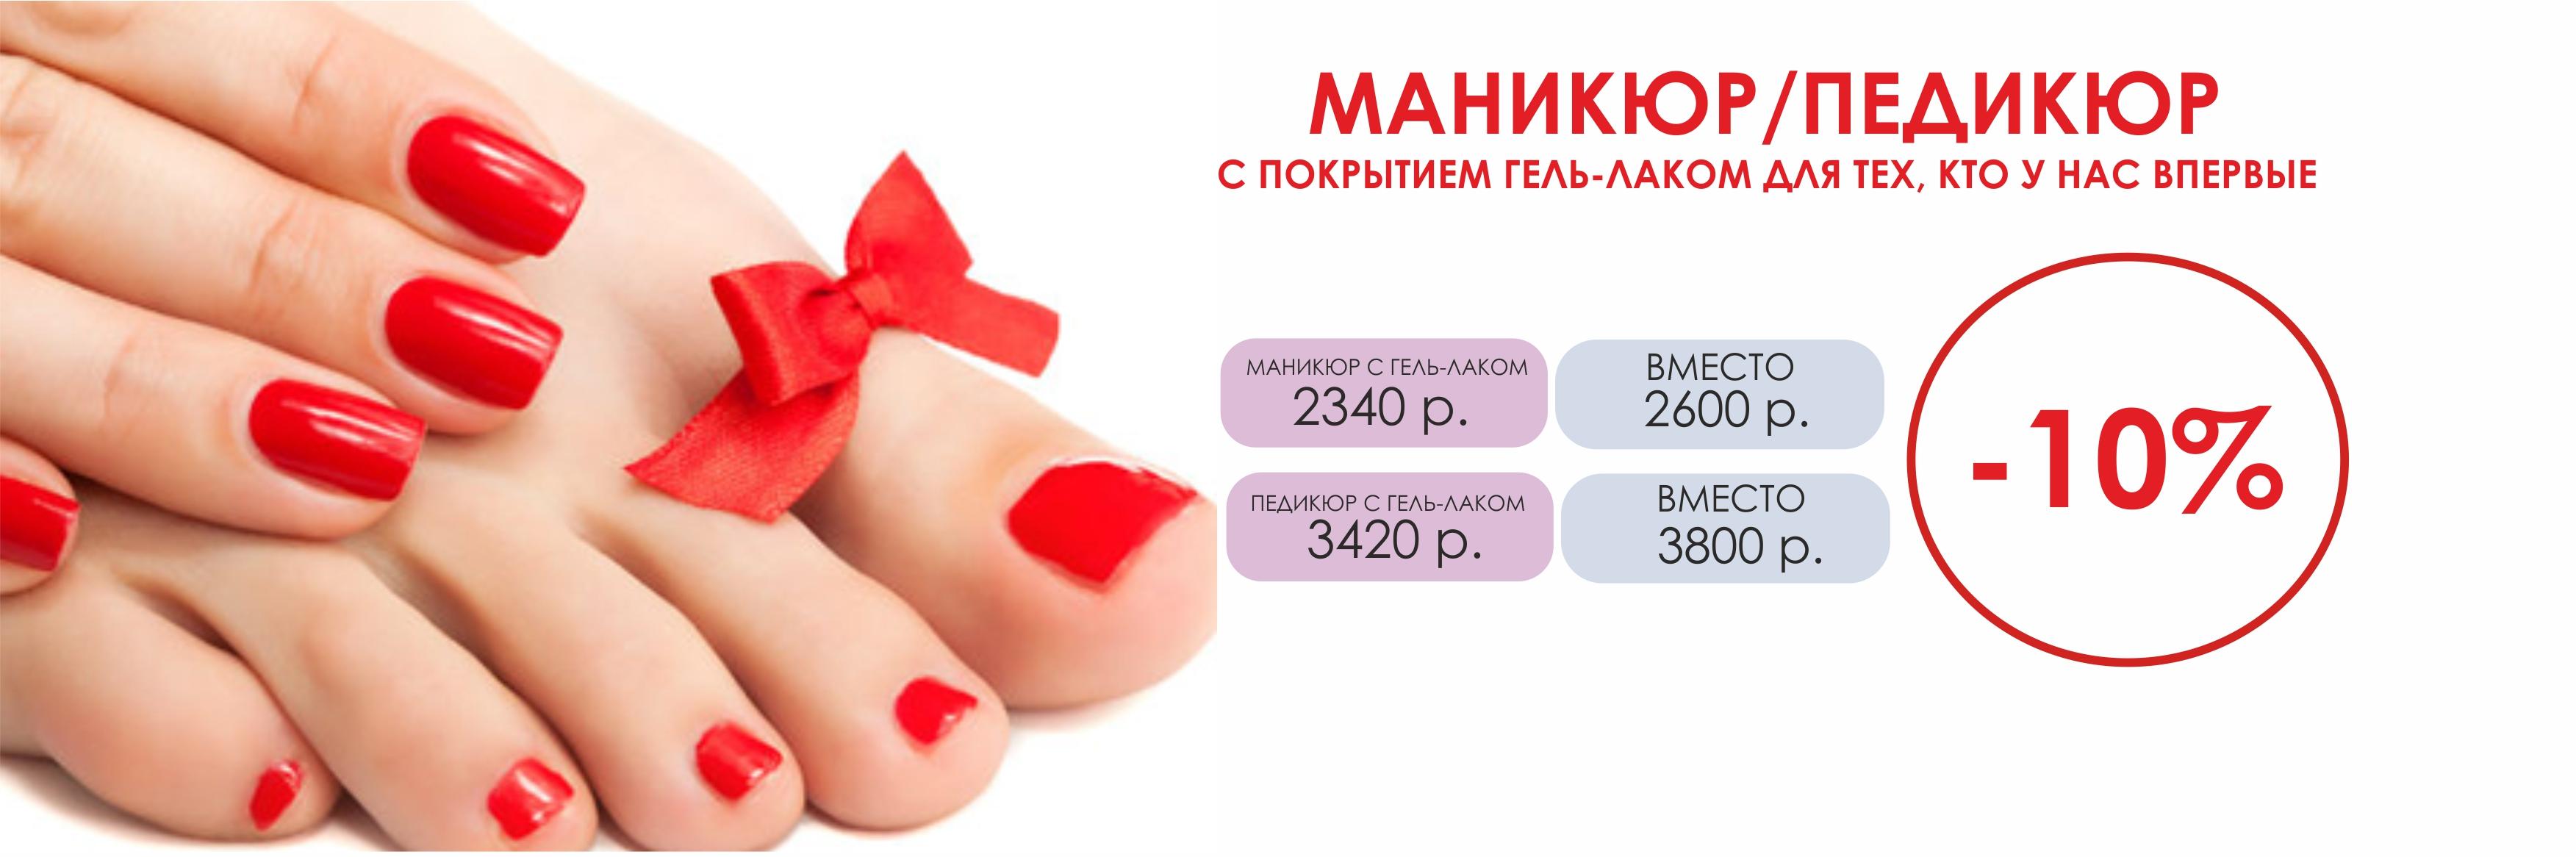 -10% на маникюр и педикюр для новых клиентов